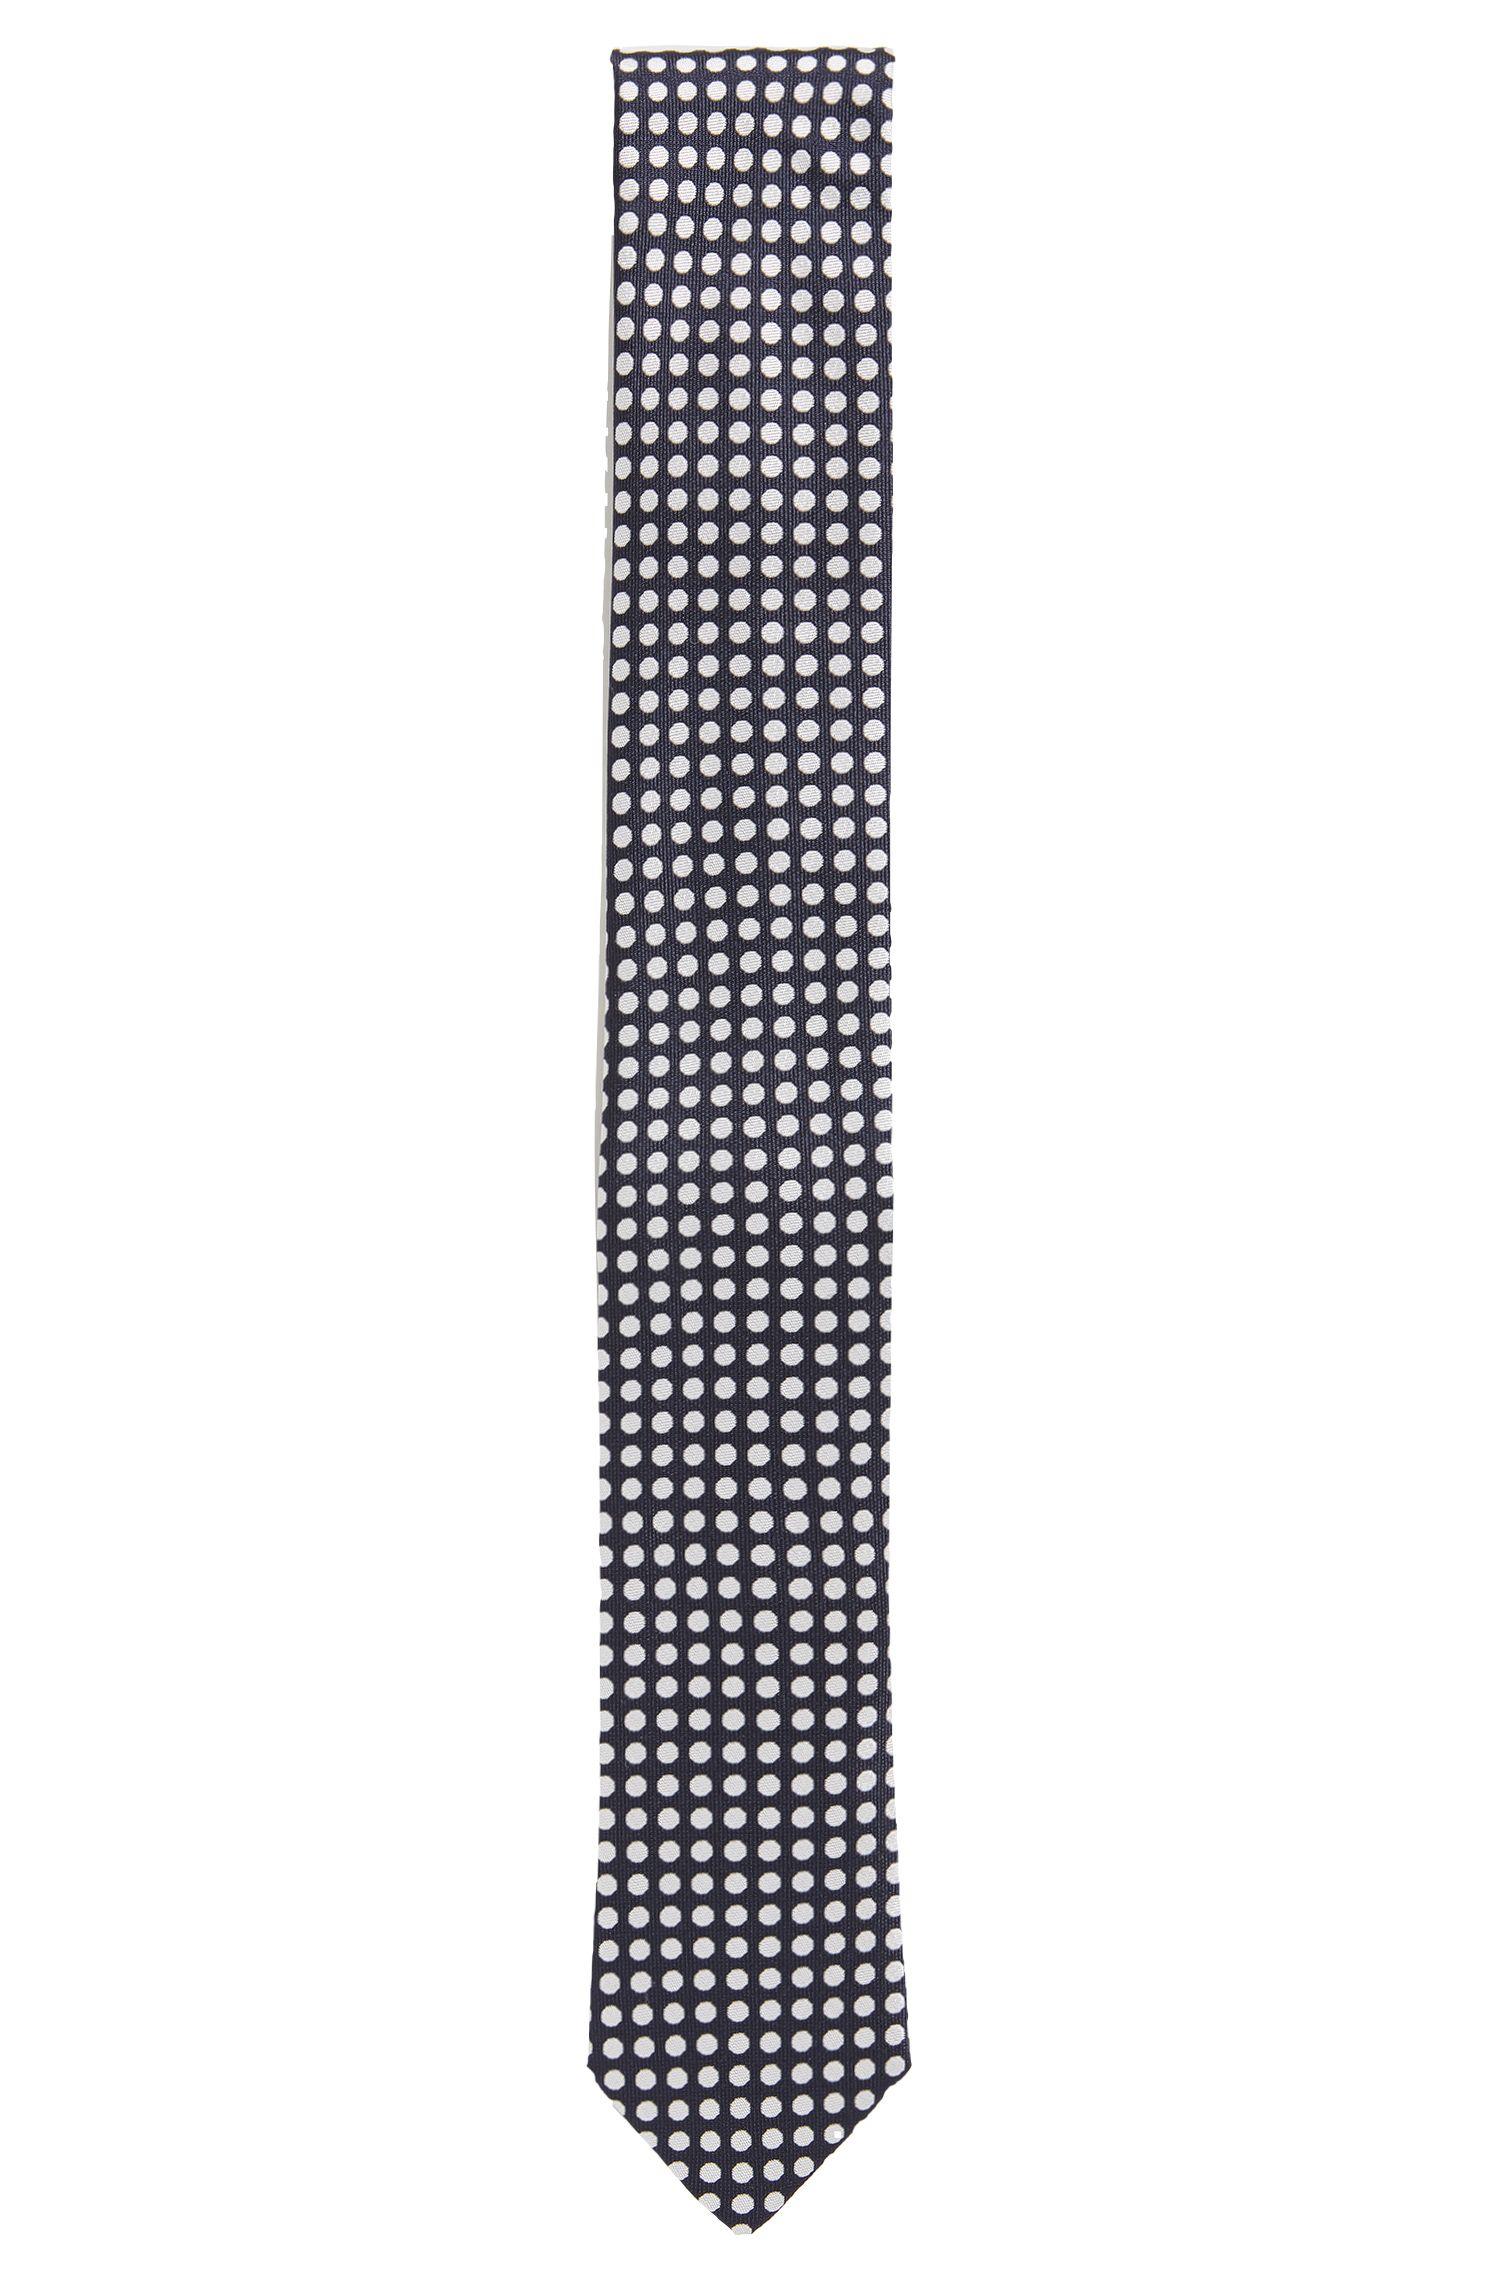 Cravatta in seta jacquard con motivo a pois